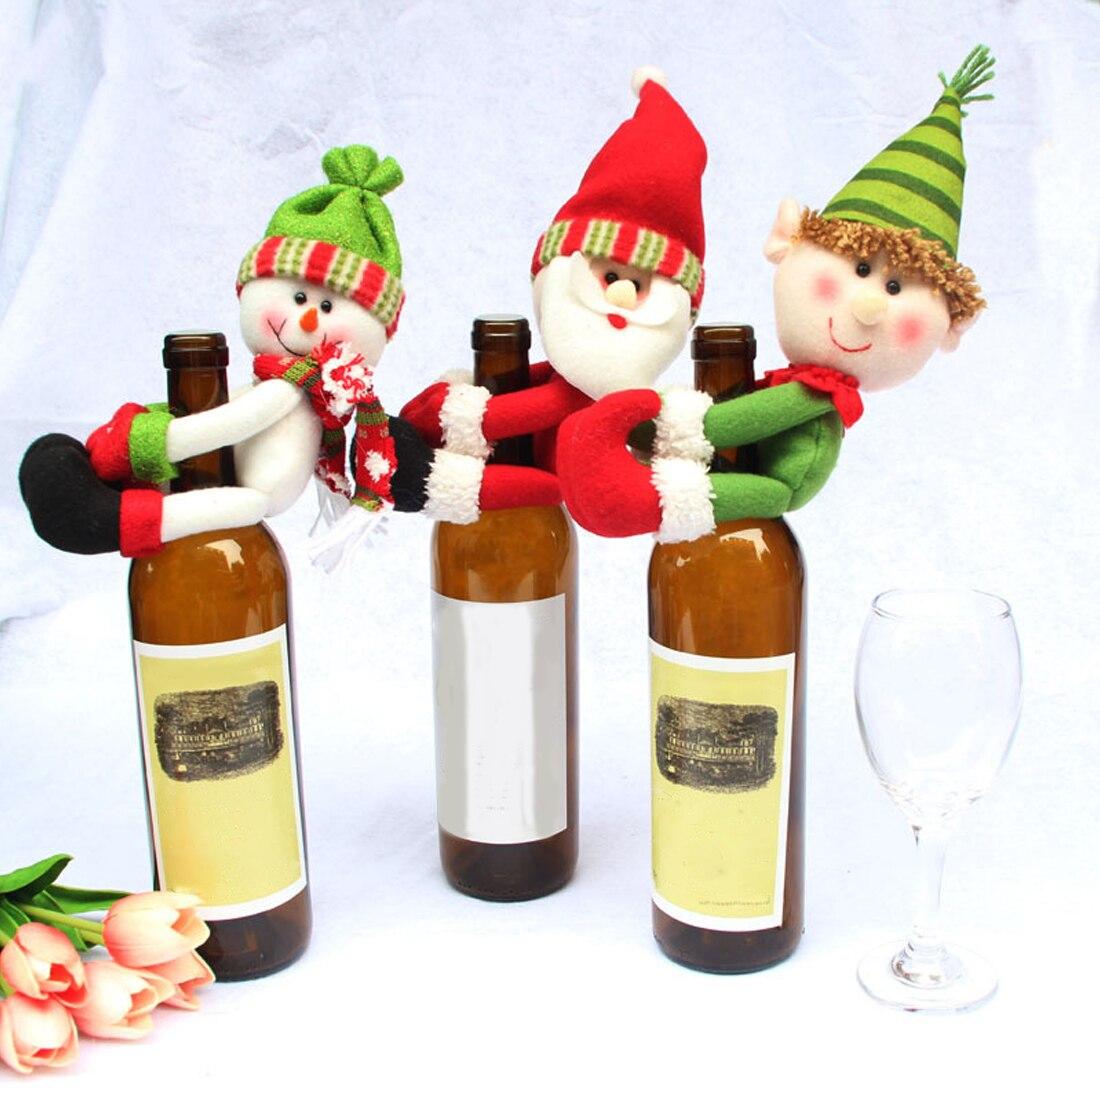 Sale Santa Claus Wine Bottle Cover Christmas Decorations For Home Snowman Bottle Pendant Sets Xmas Dinner Table Decor